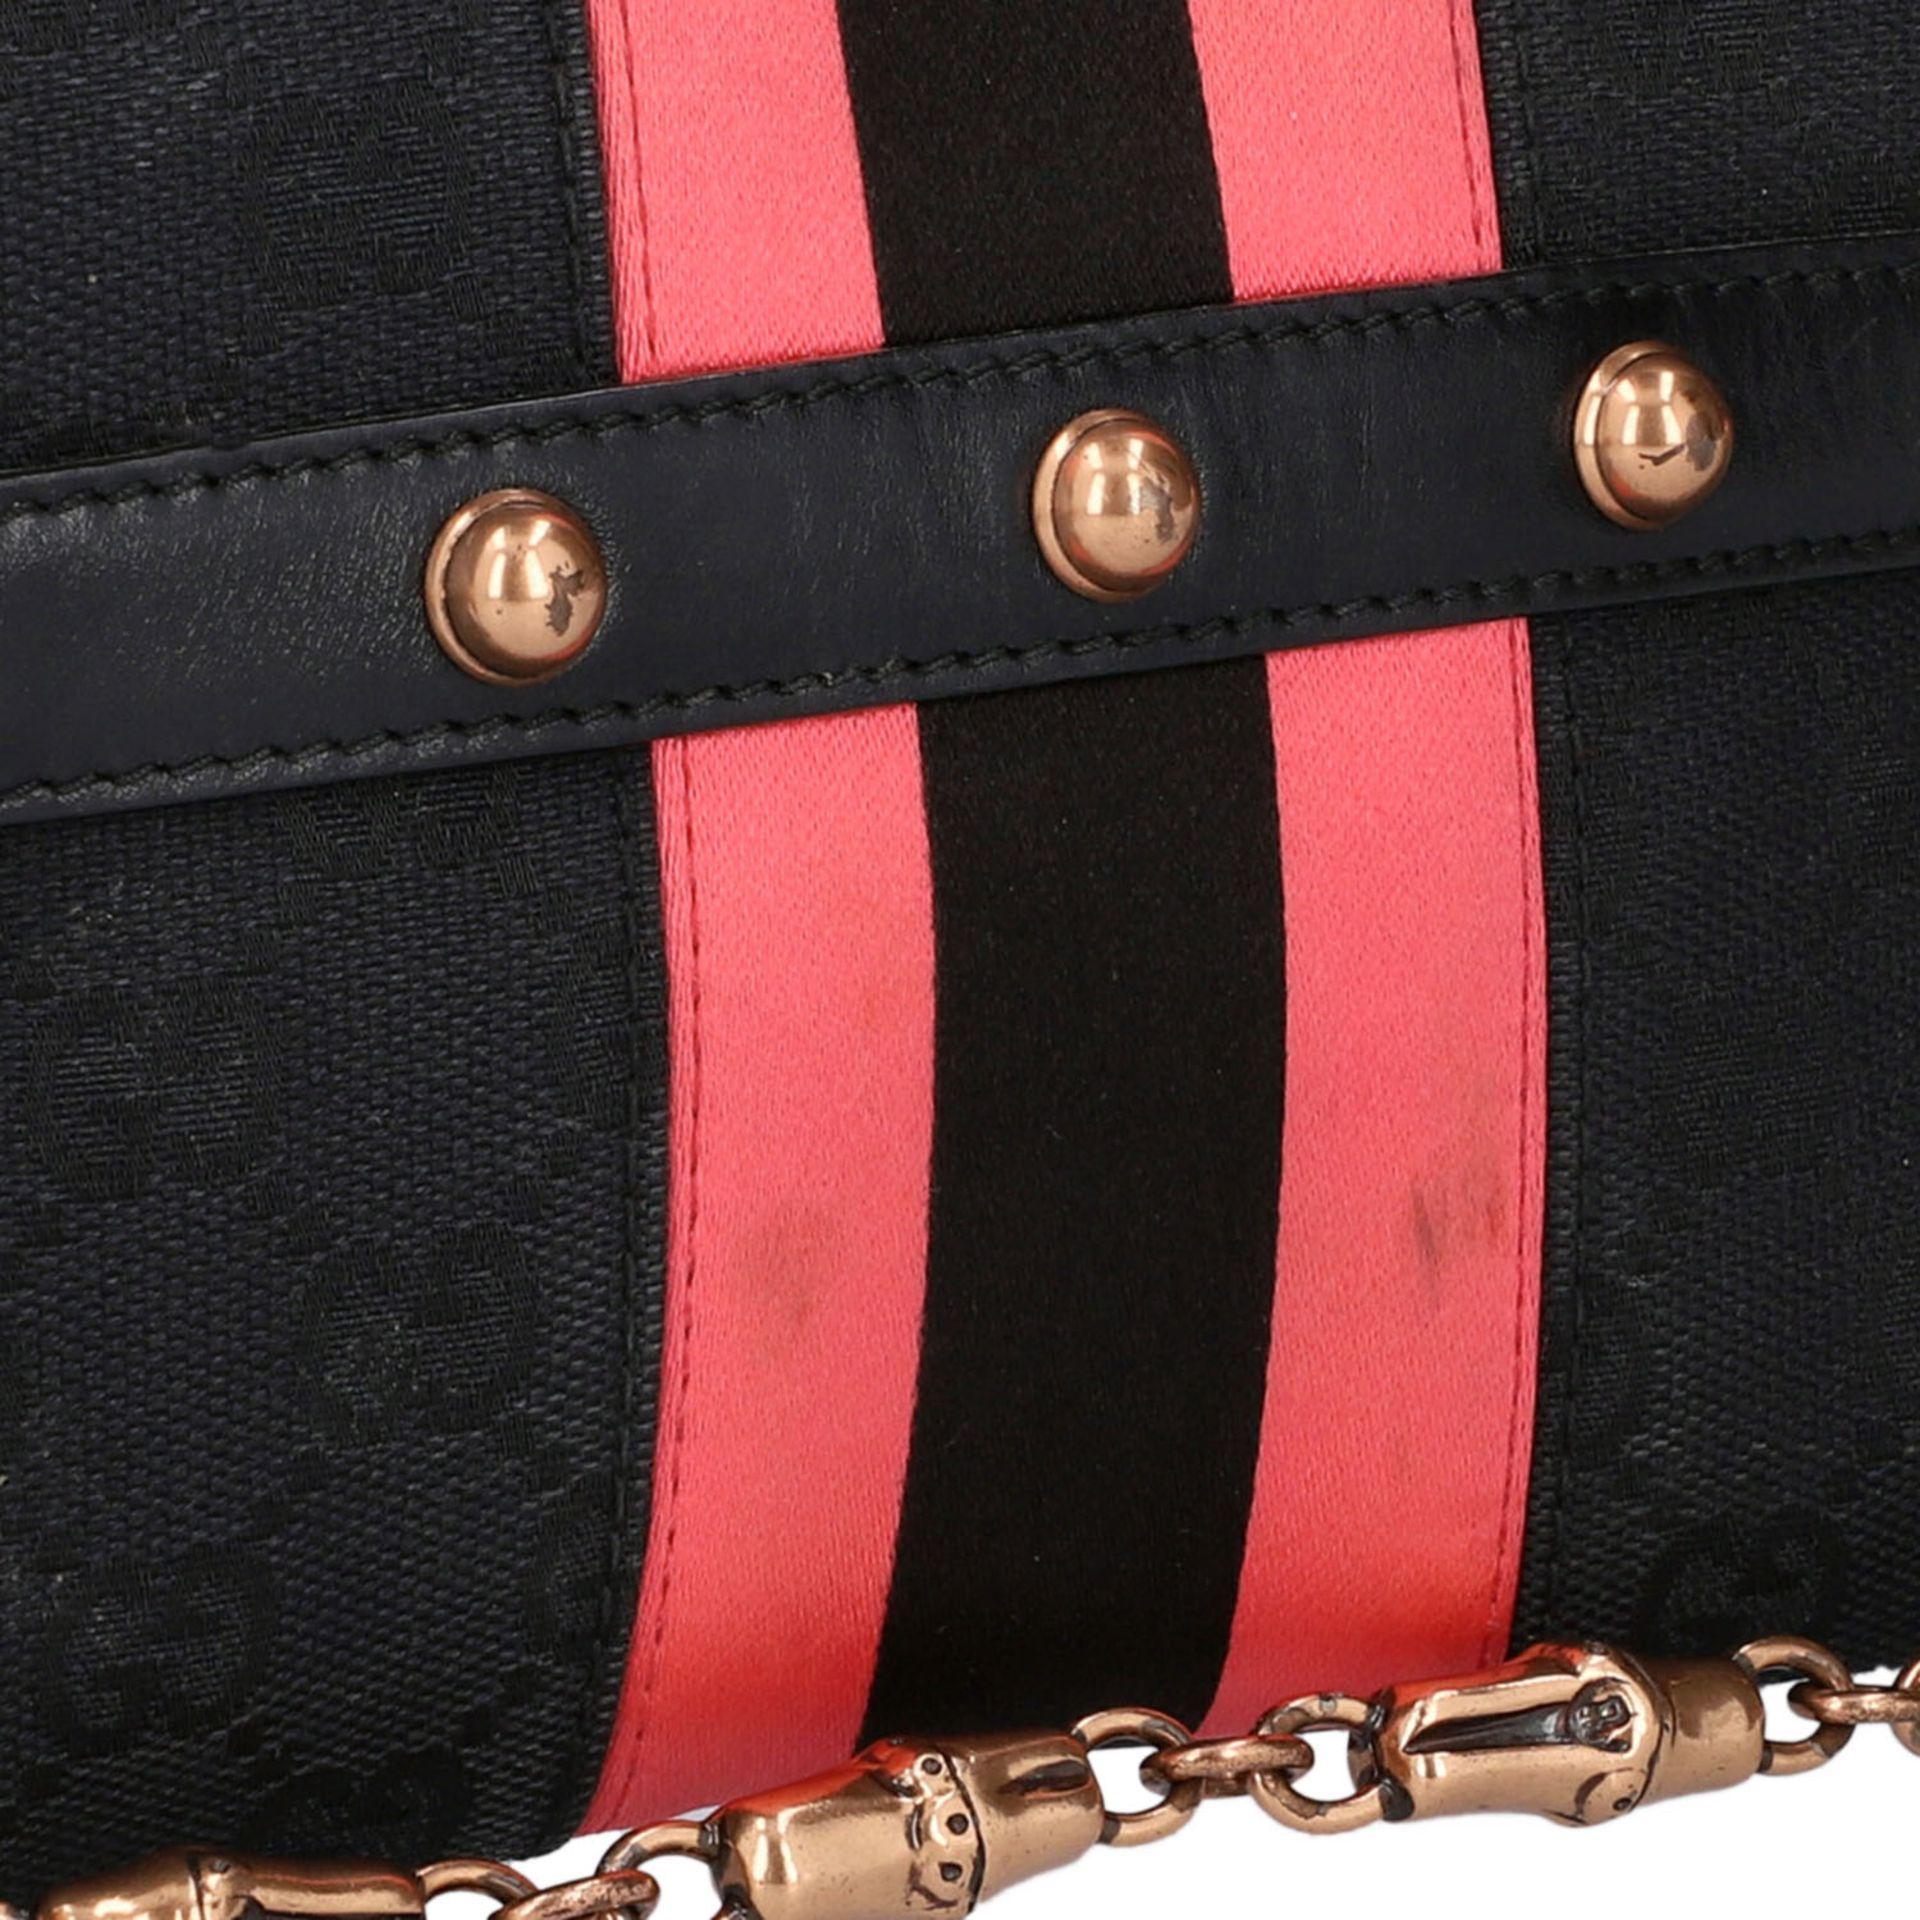 GUCCI Pochette. Guccissima Webmuster in Schwarz mit rosafarbenen Streifen und roségol - Image 7 of 8